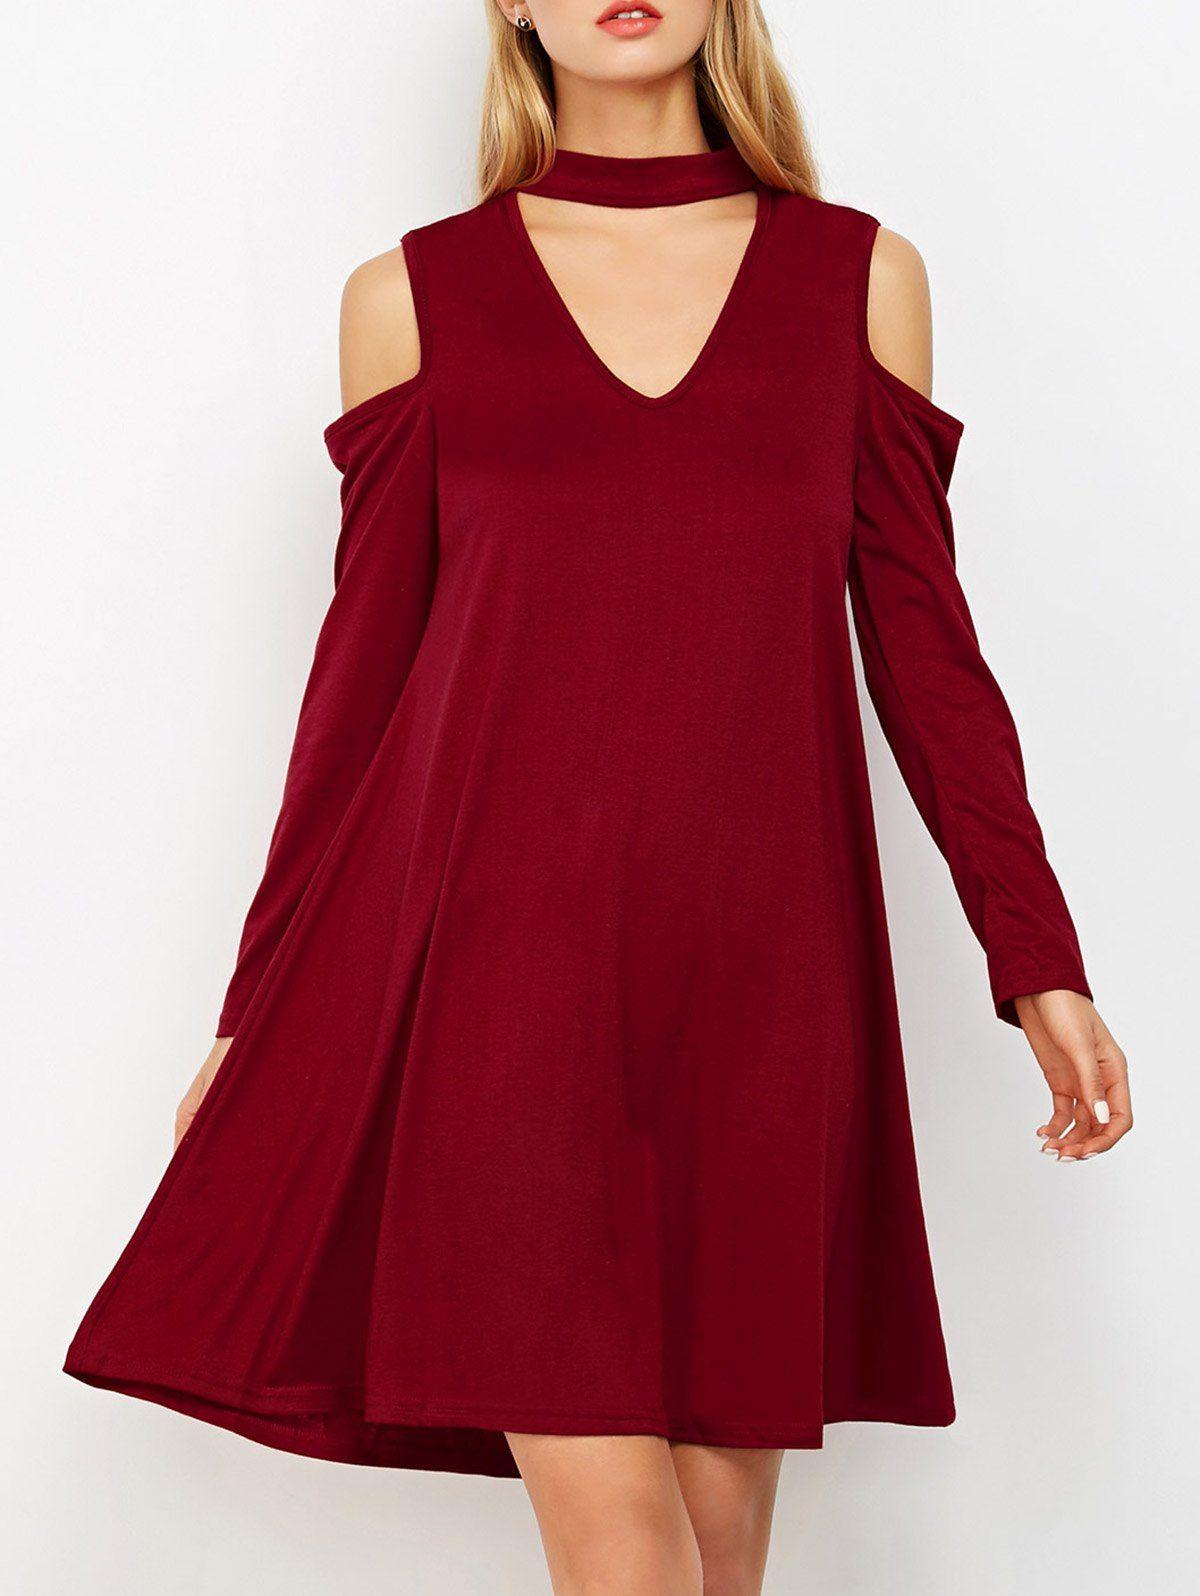 Cutout shoulder choker swing dress inspiring clothing pinterest